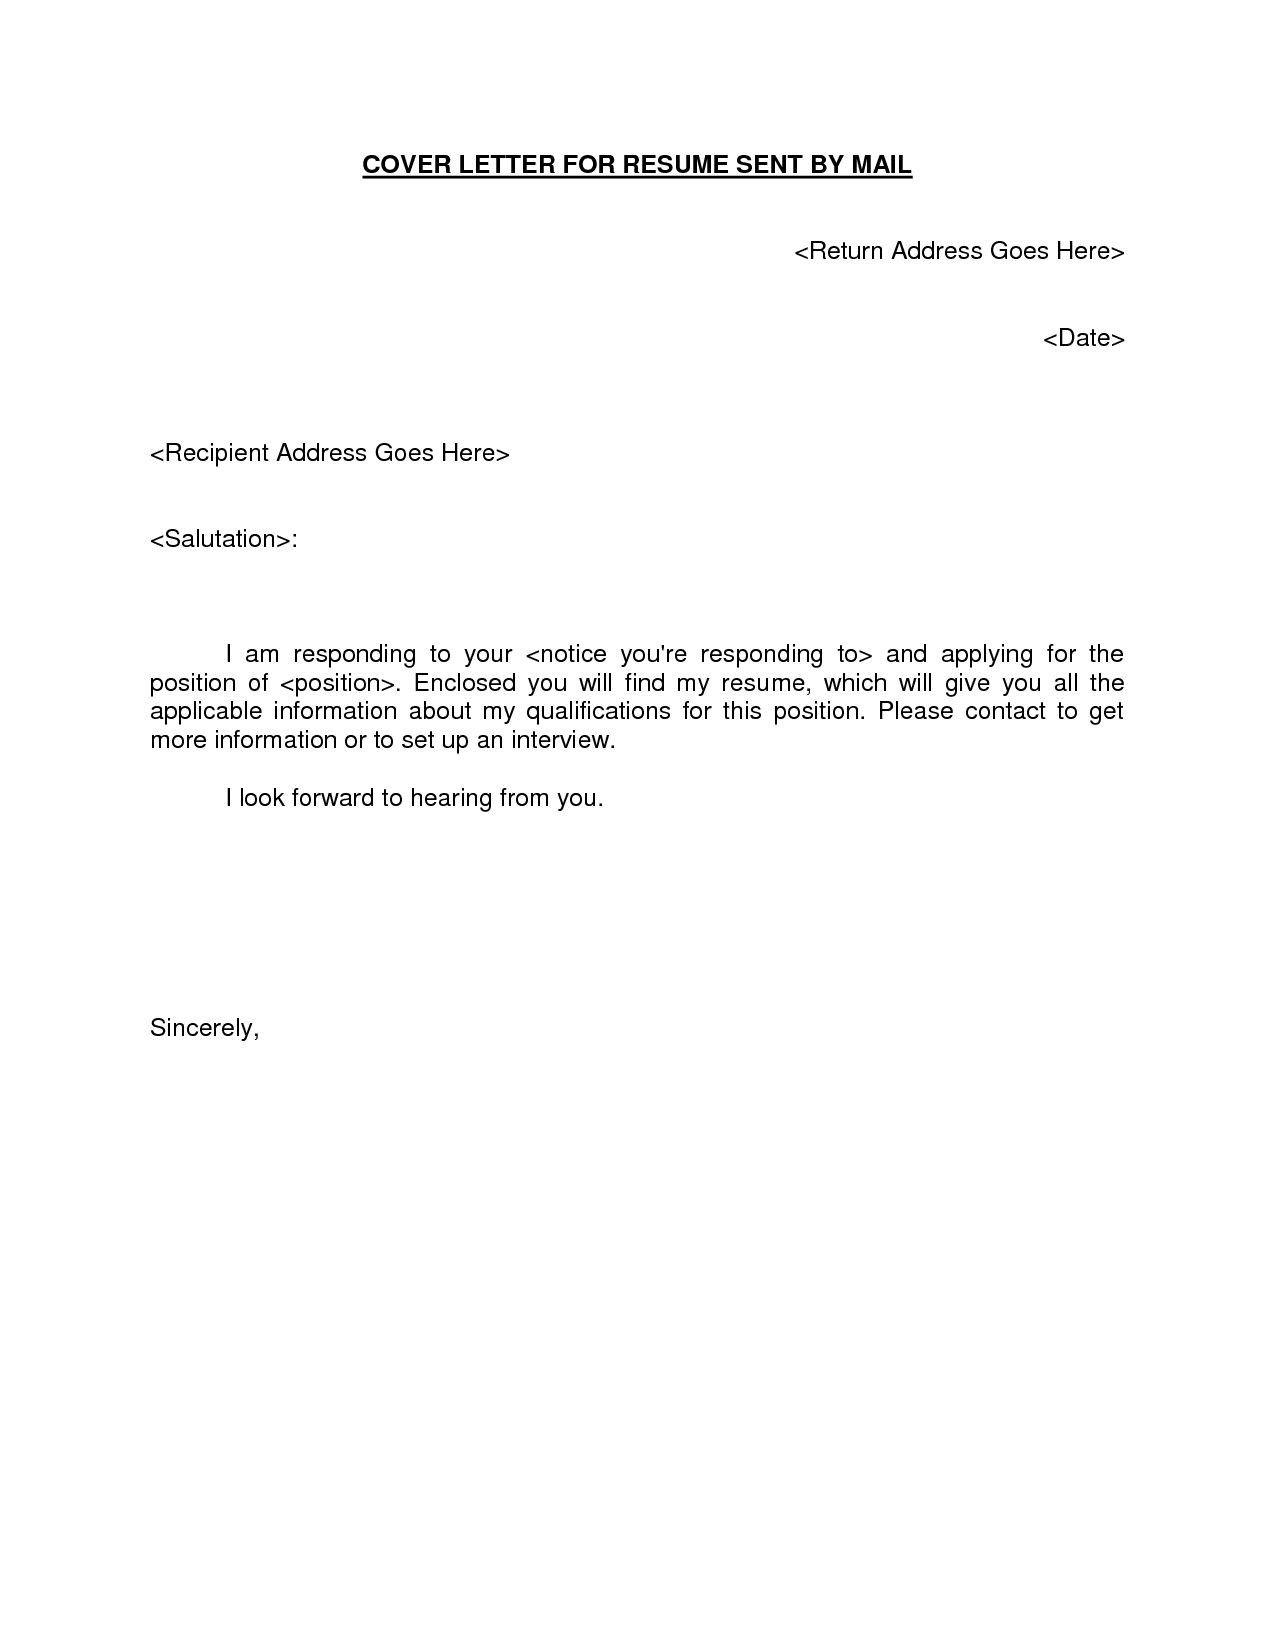 Unique Fax Cover Letters exceltemplate xls xlstemplate